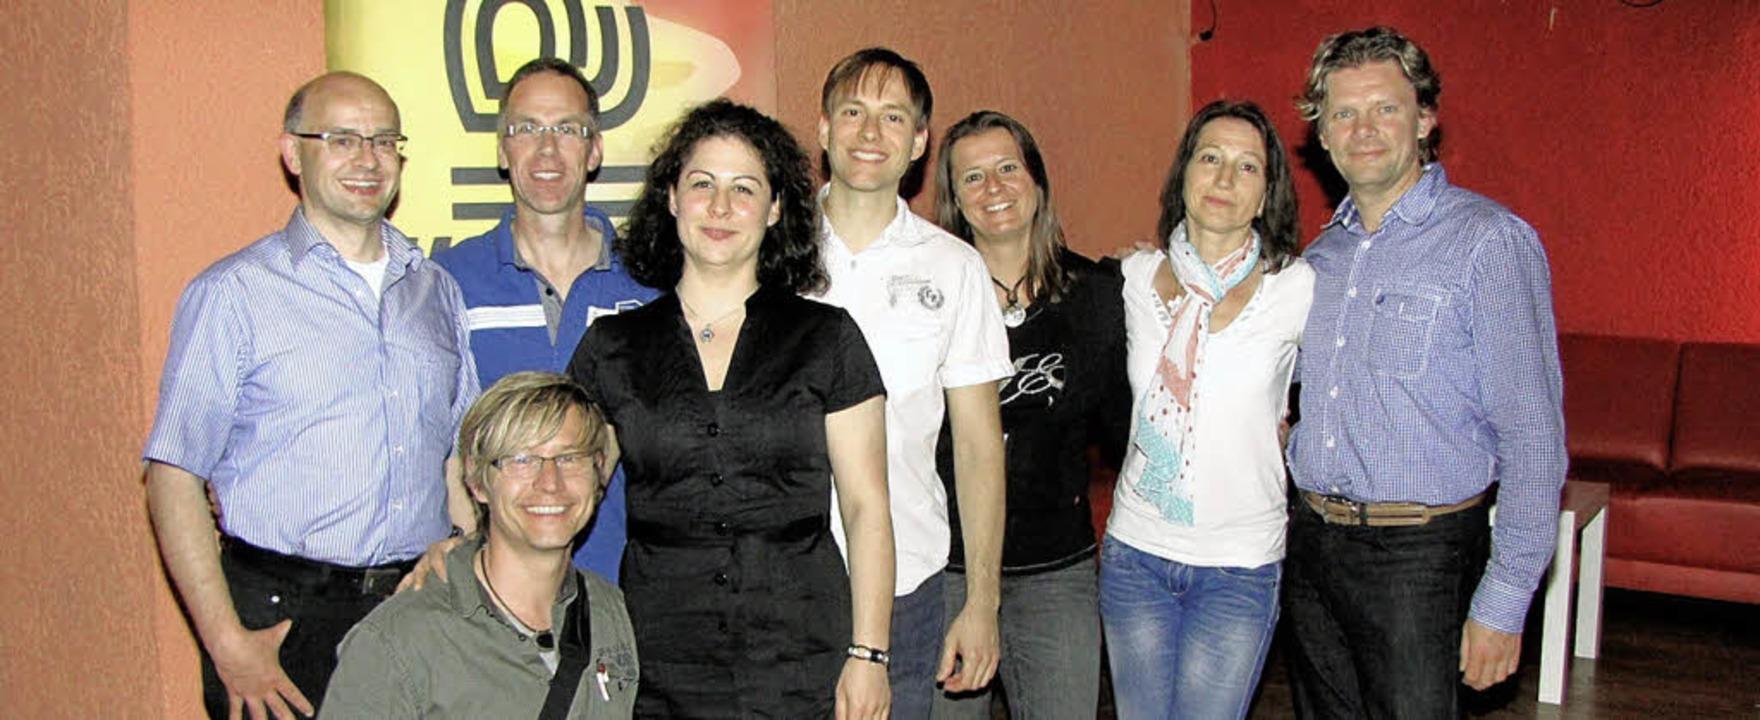 Neu formiert: der Vorstand des Salsa Clubs    Foto: bz